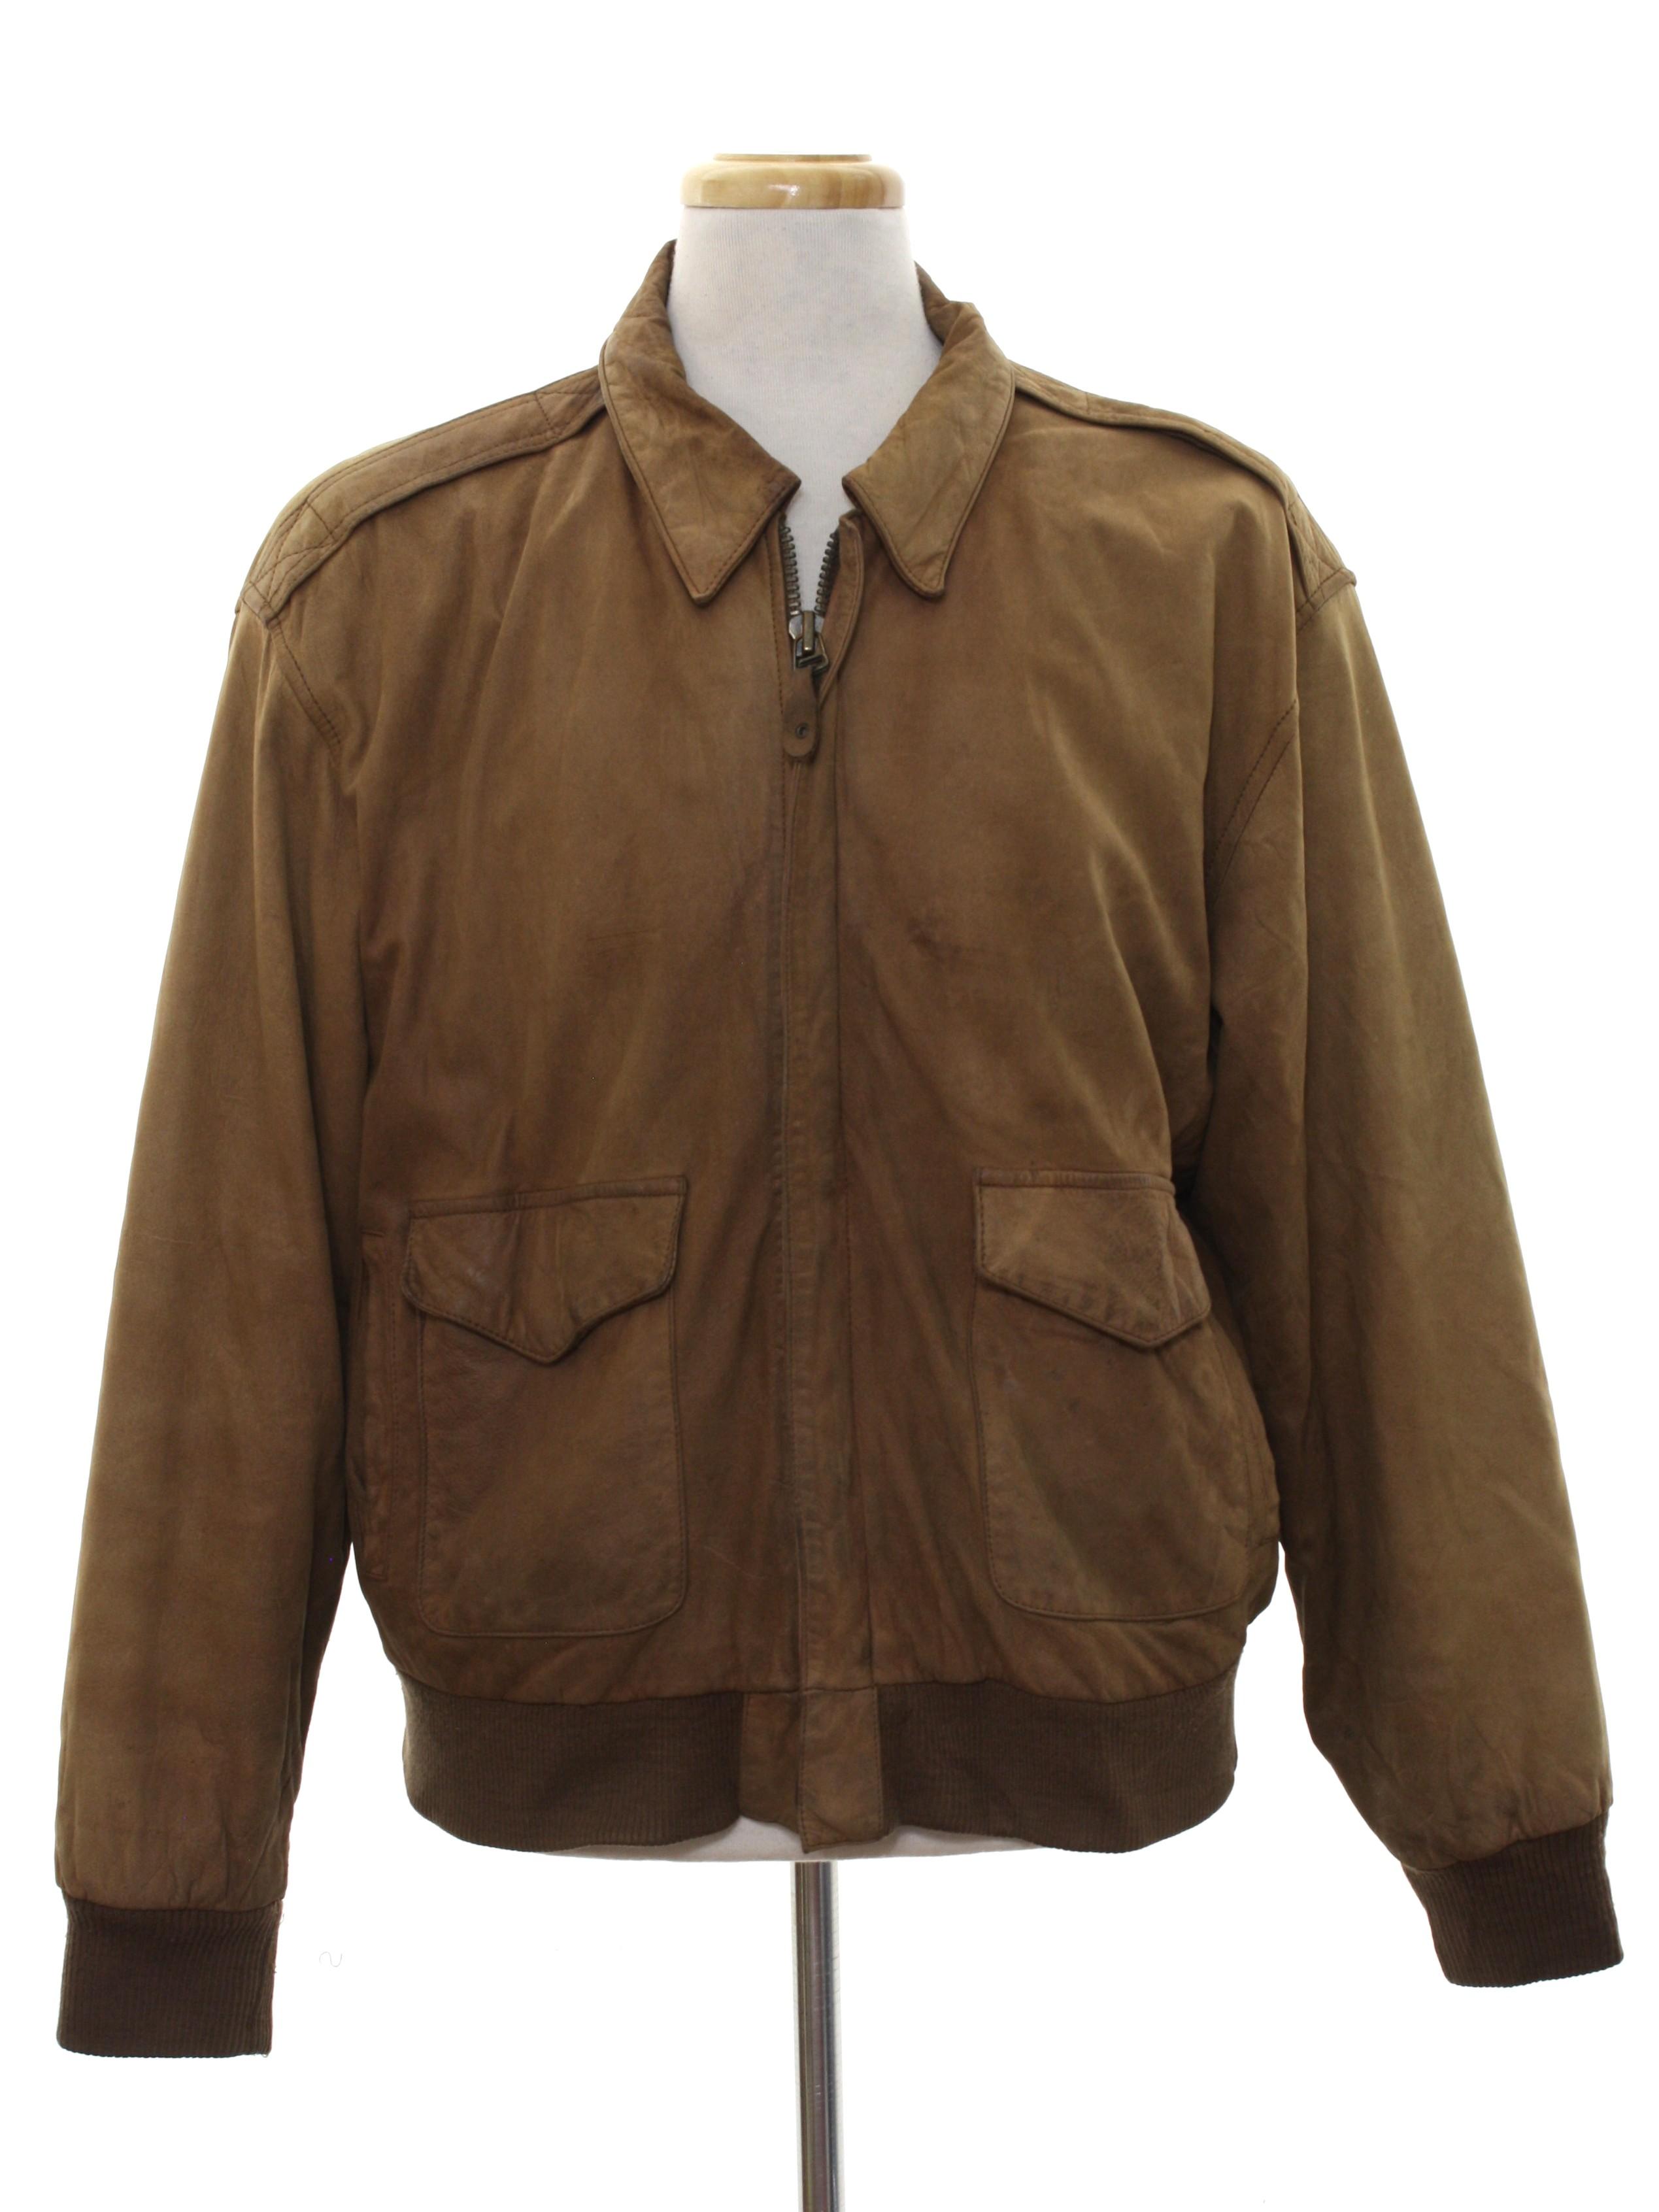 1980s G Iii Global Identity Leather Jacket 80s G Iii